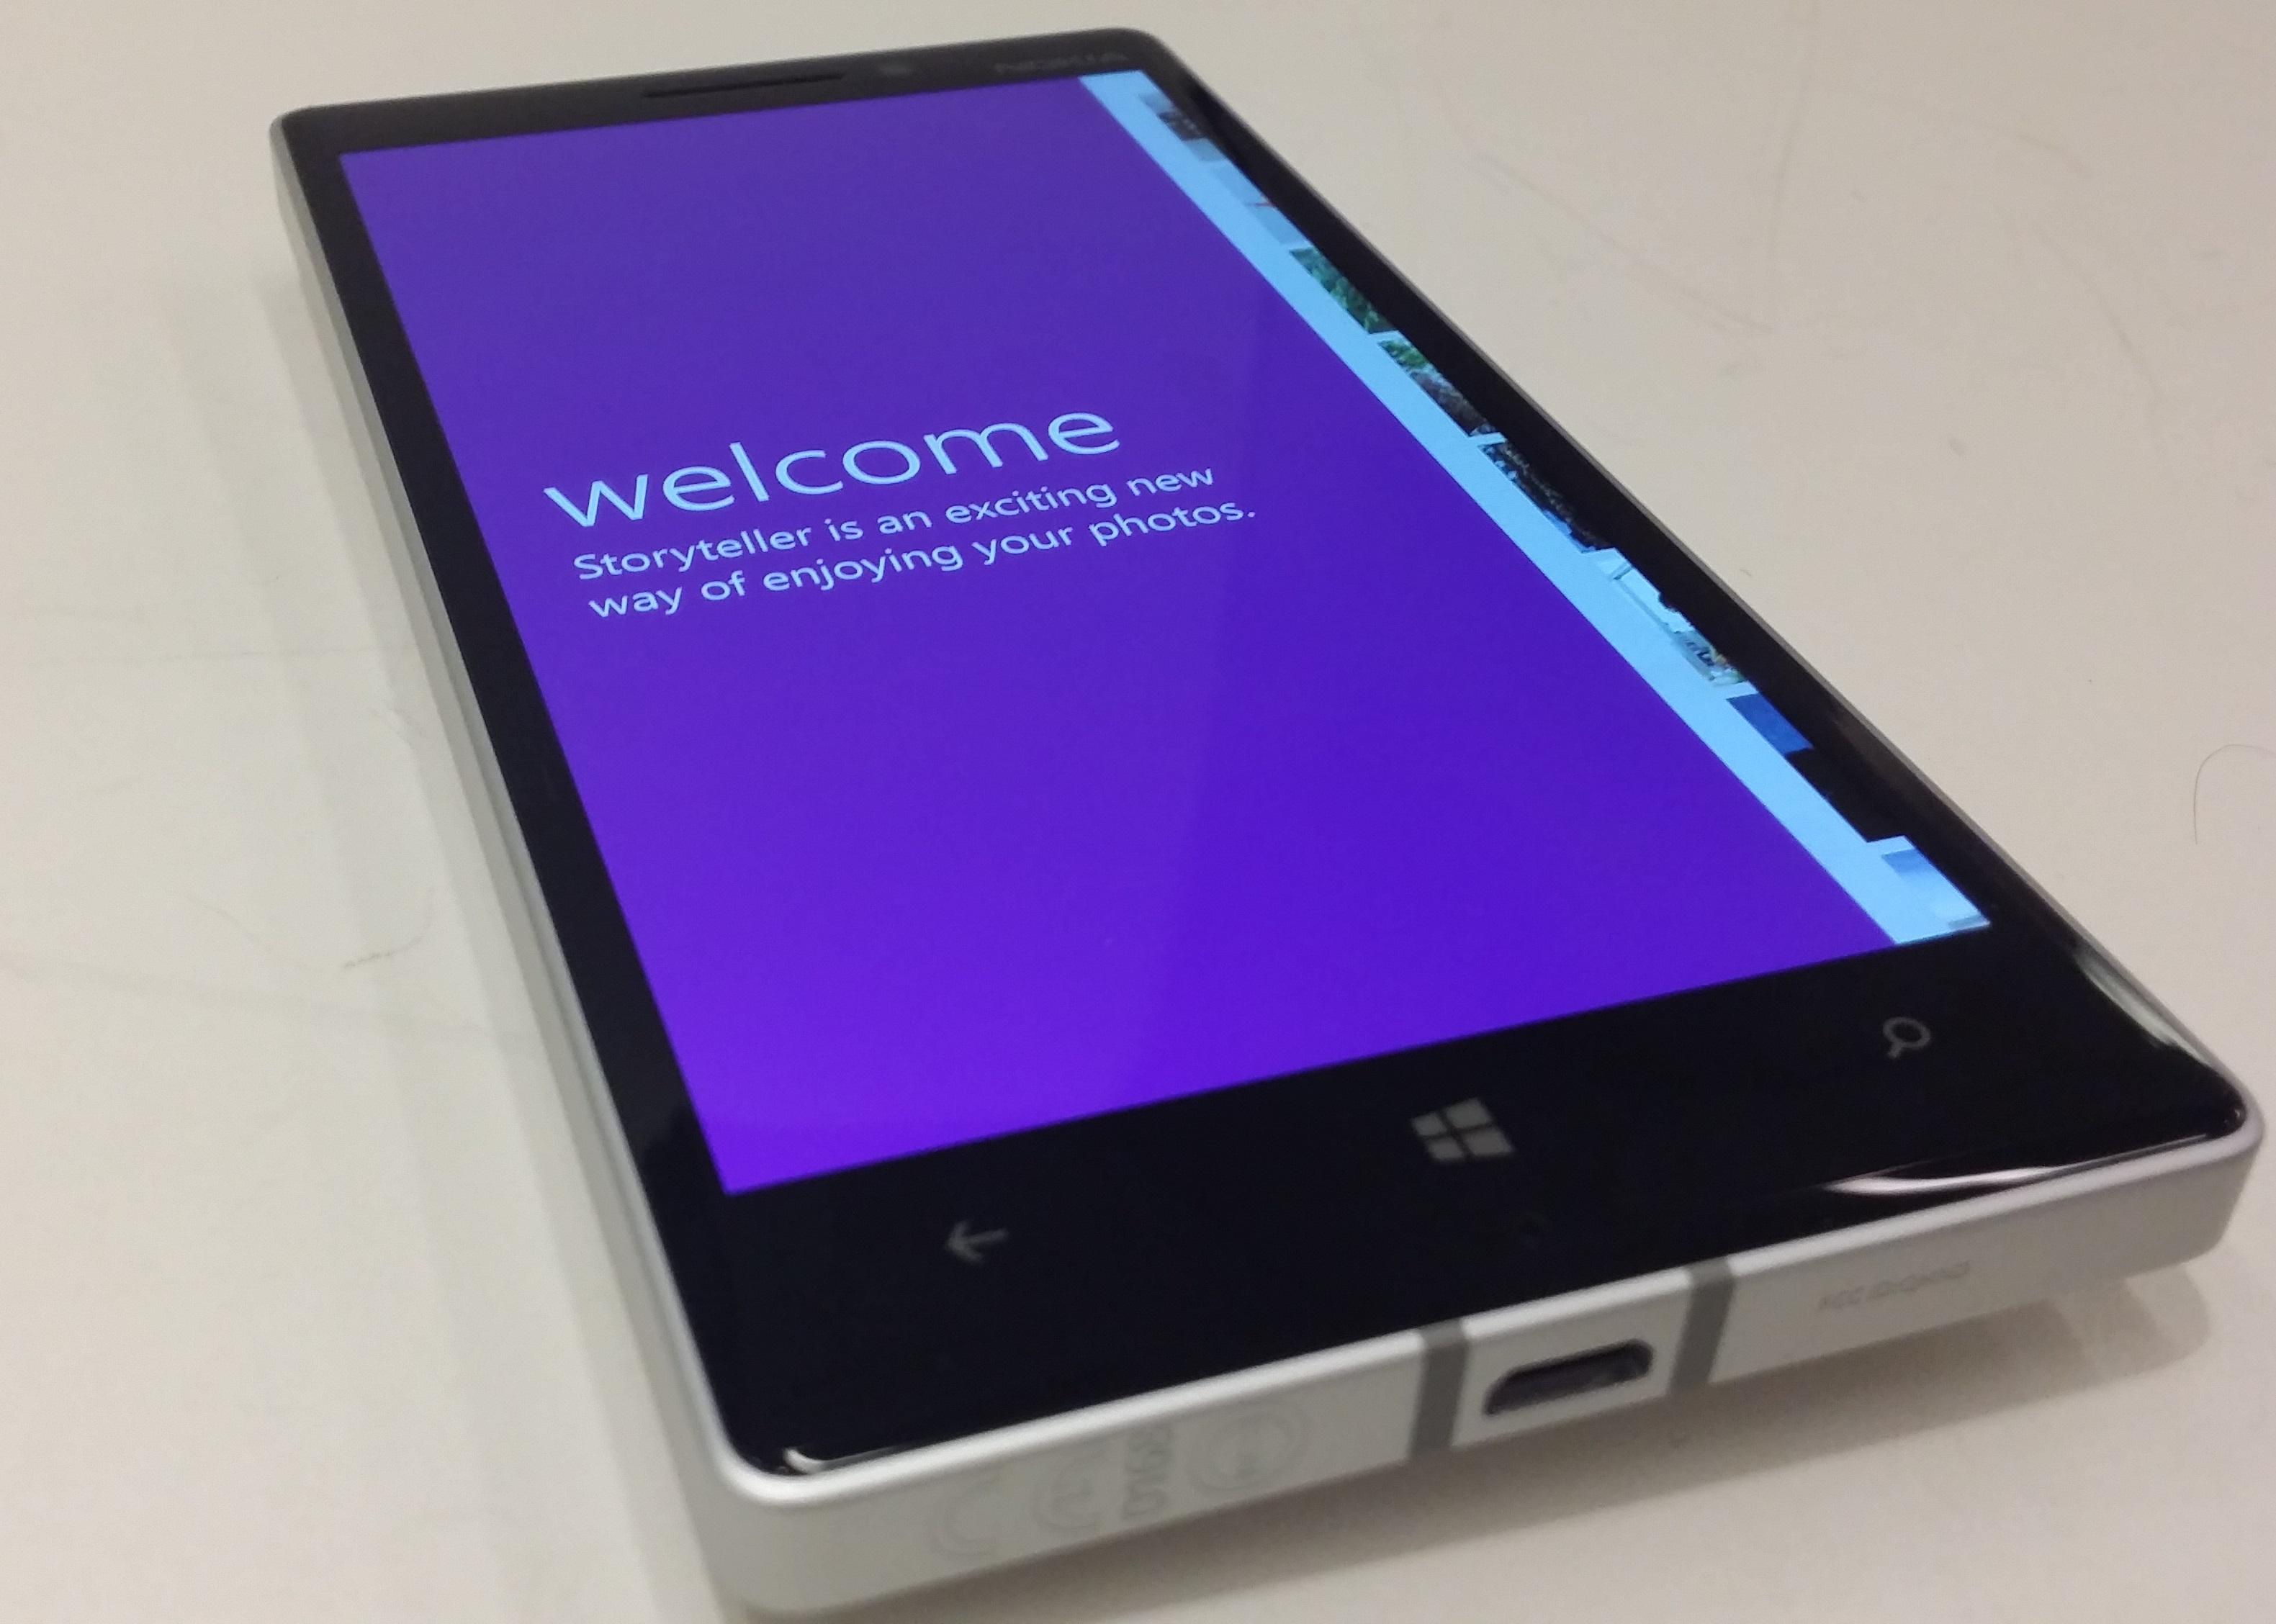 Nokia 930 Vs Samsung Galaxy Note 3